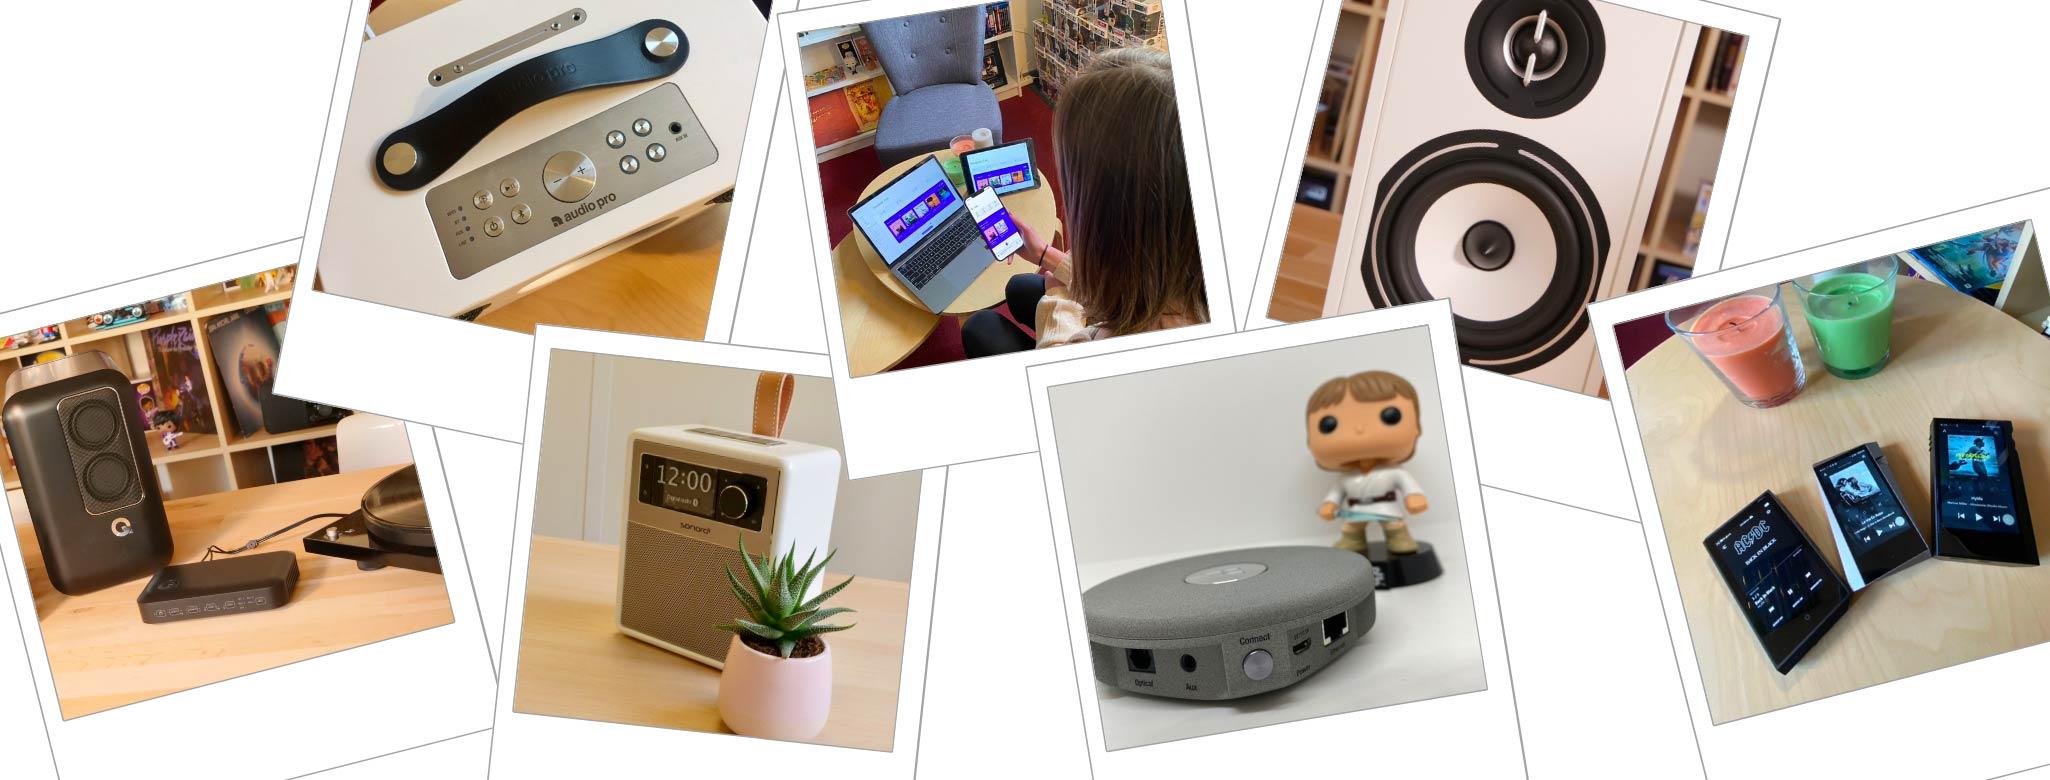 Ce que vous avez manqué sur nos réseaux : utiliser Spotify Connect, moderniser sa chaîne HiFi avec un récepteur audio WiFi...